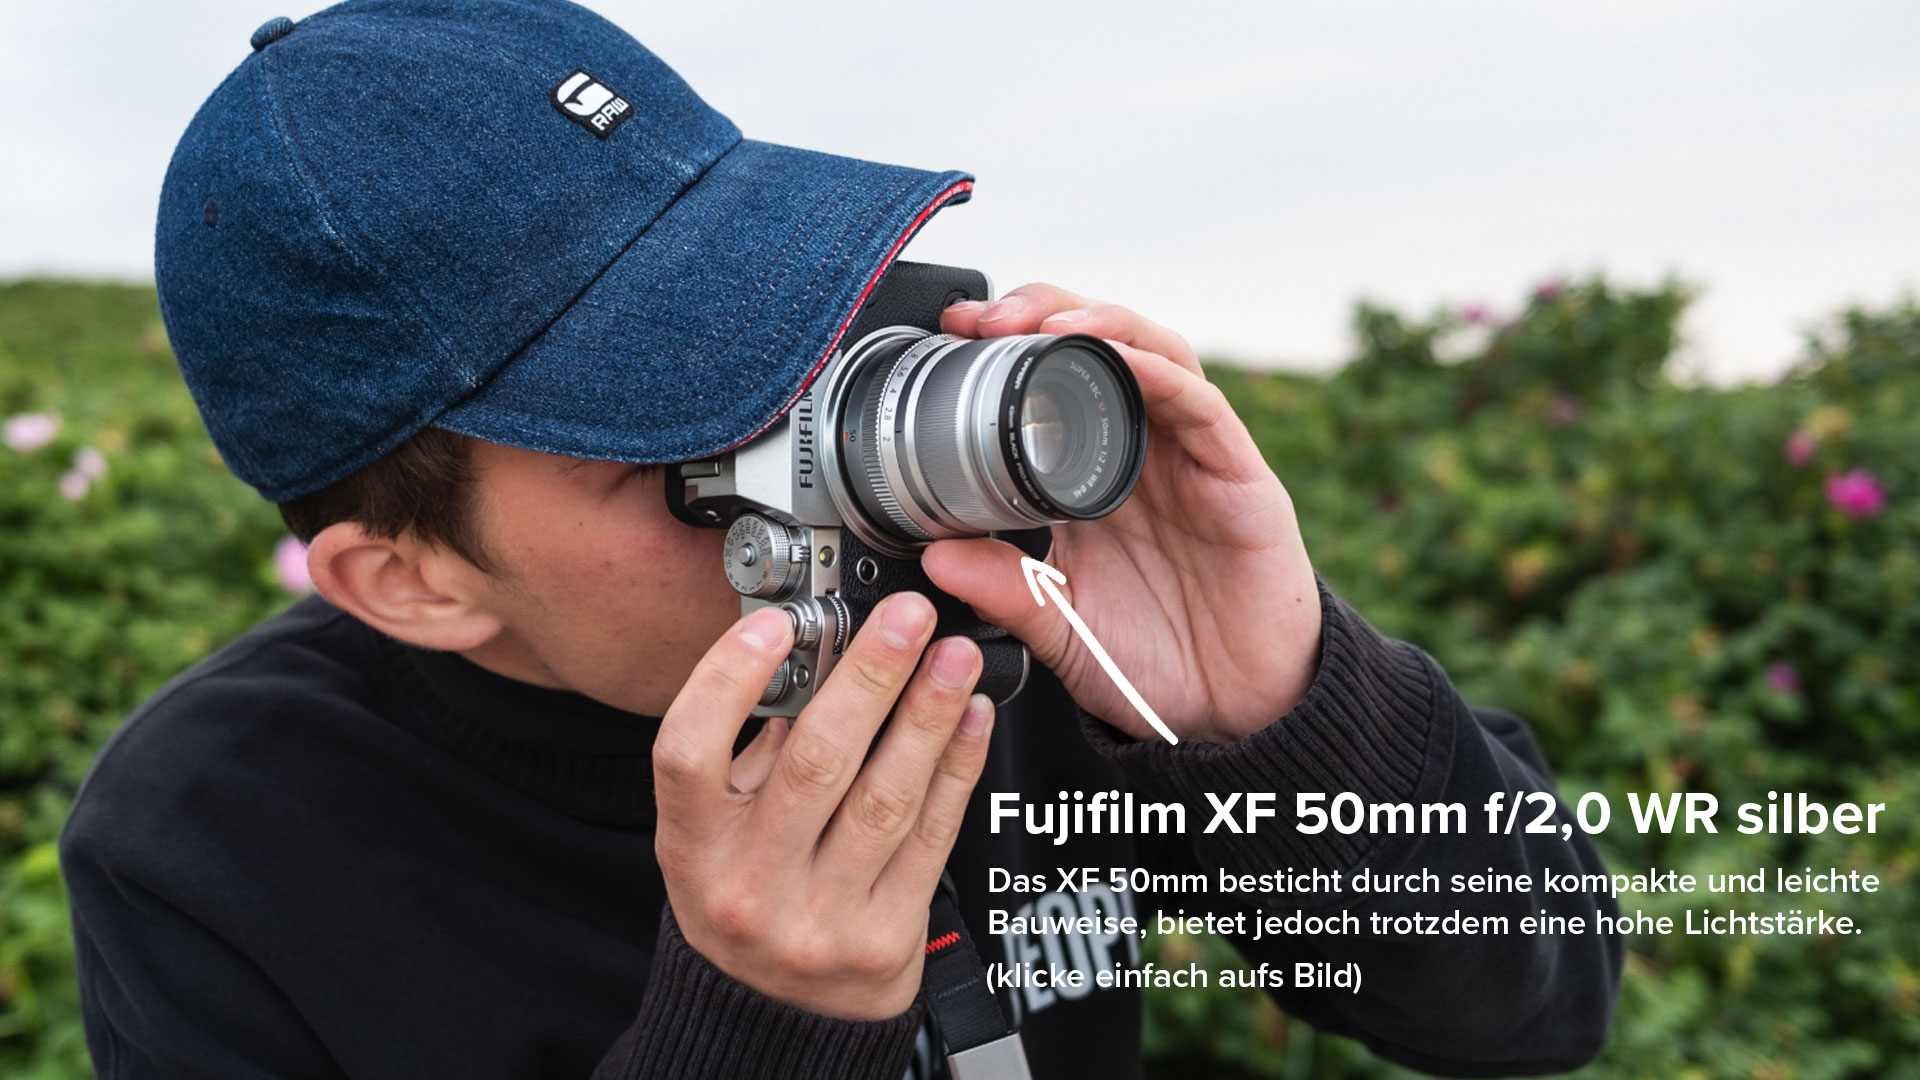 Fujifilm XF 50mm f/2,0 R WR silber